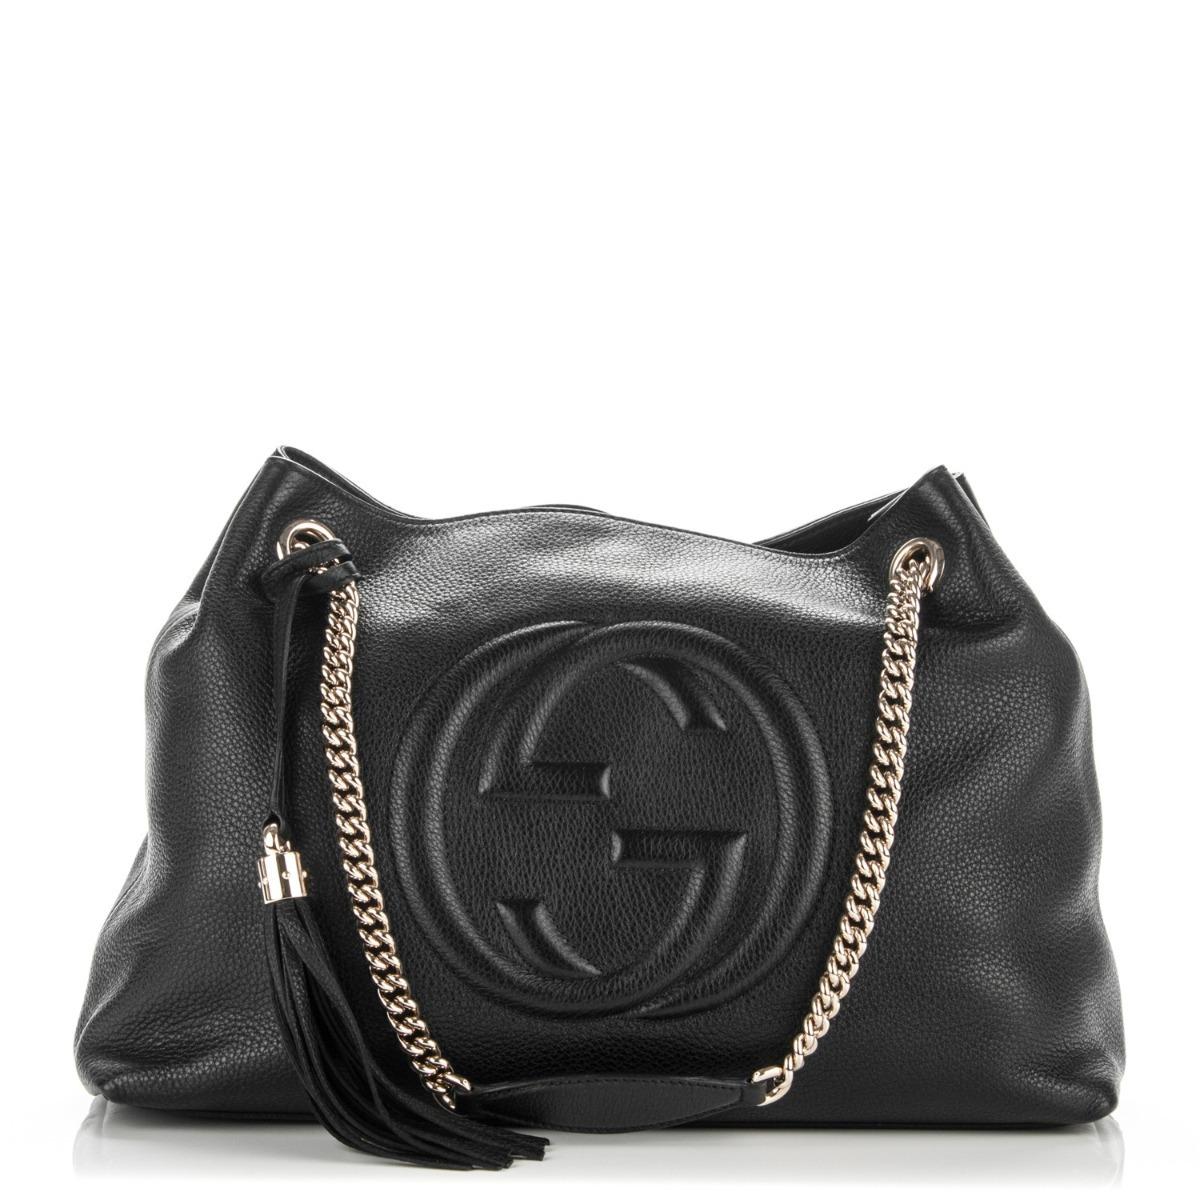 Bolsa Gucci Original Soho Shoulder 100% Autentica - R  1.799,00 em ... 54f6a62aa2